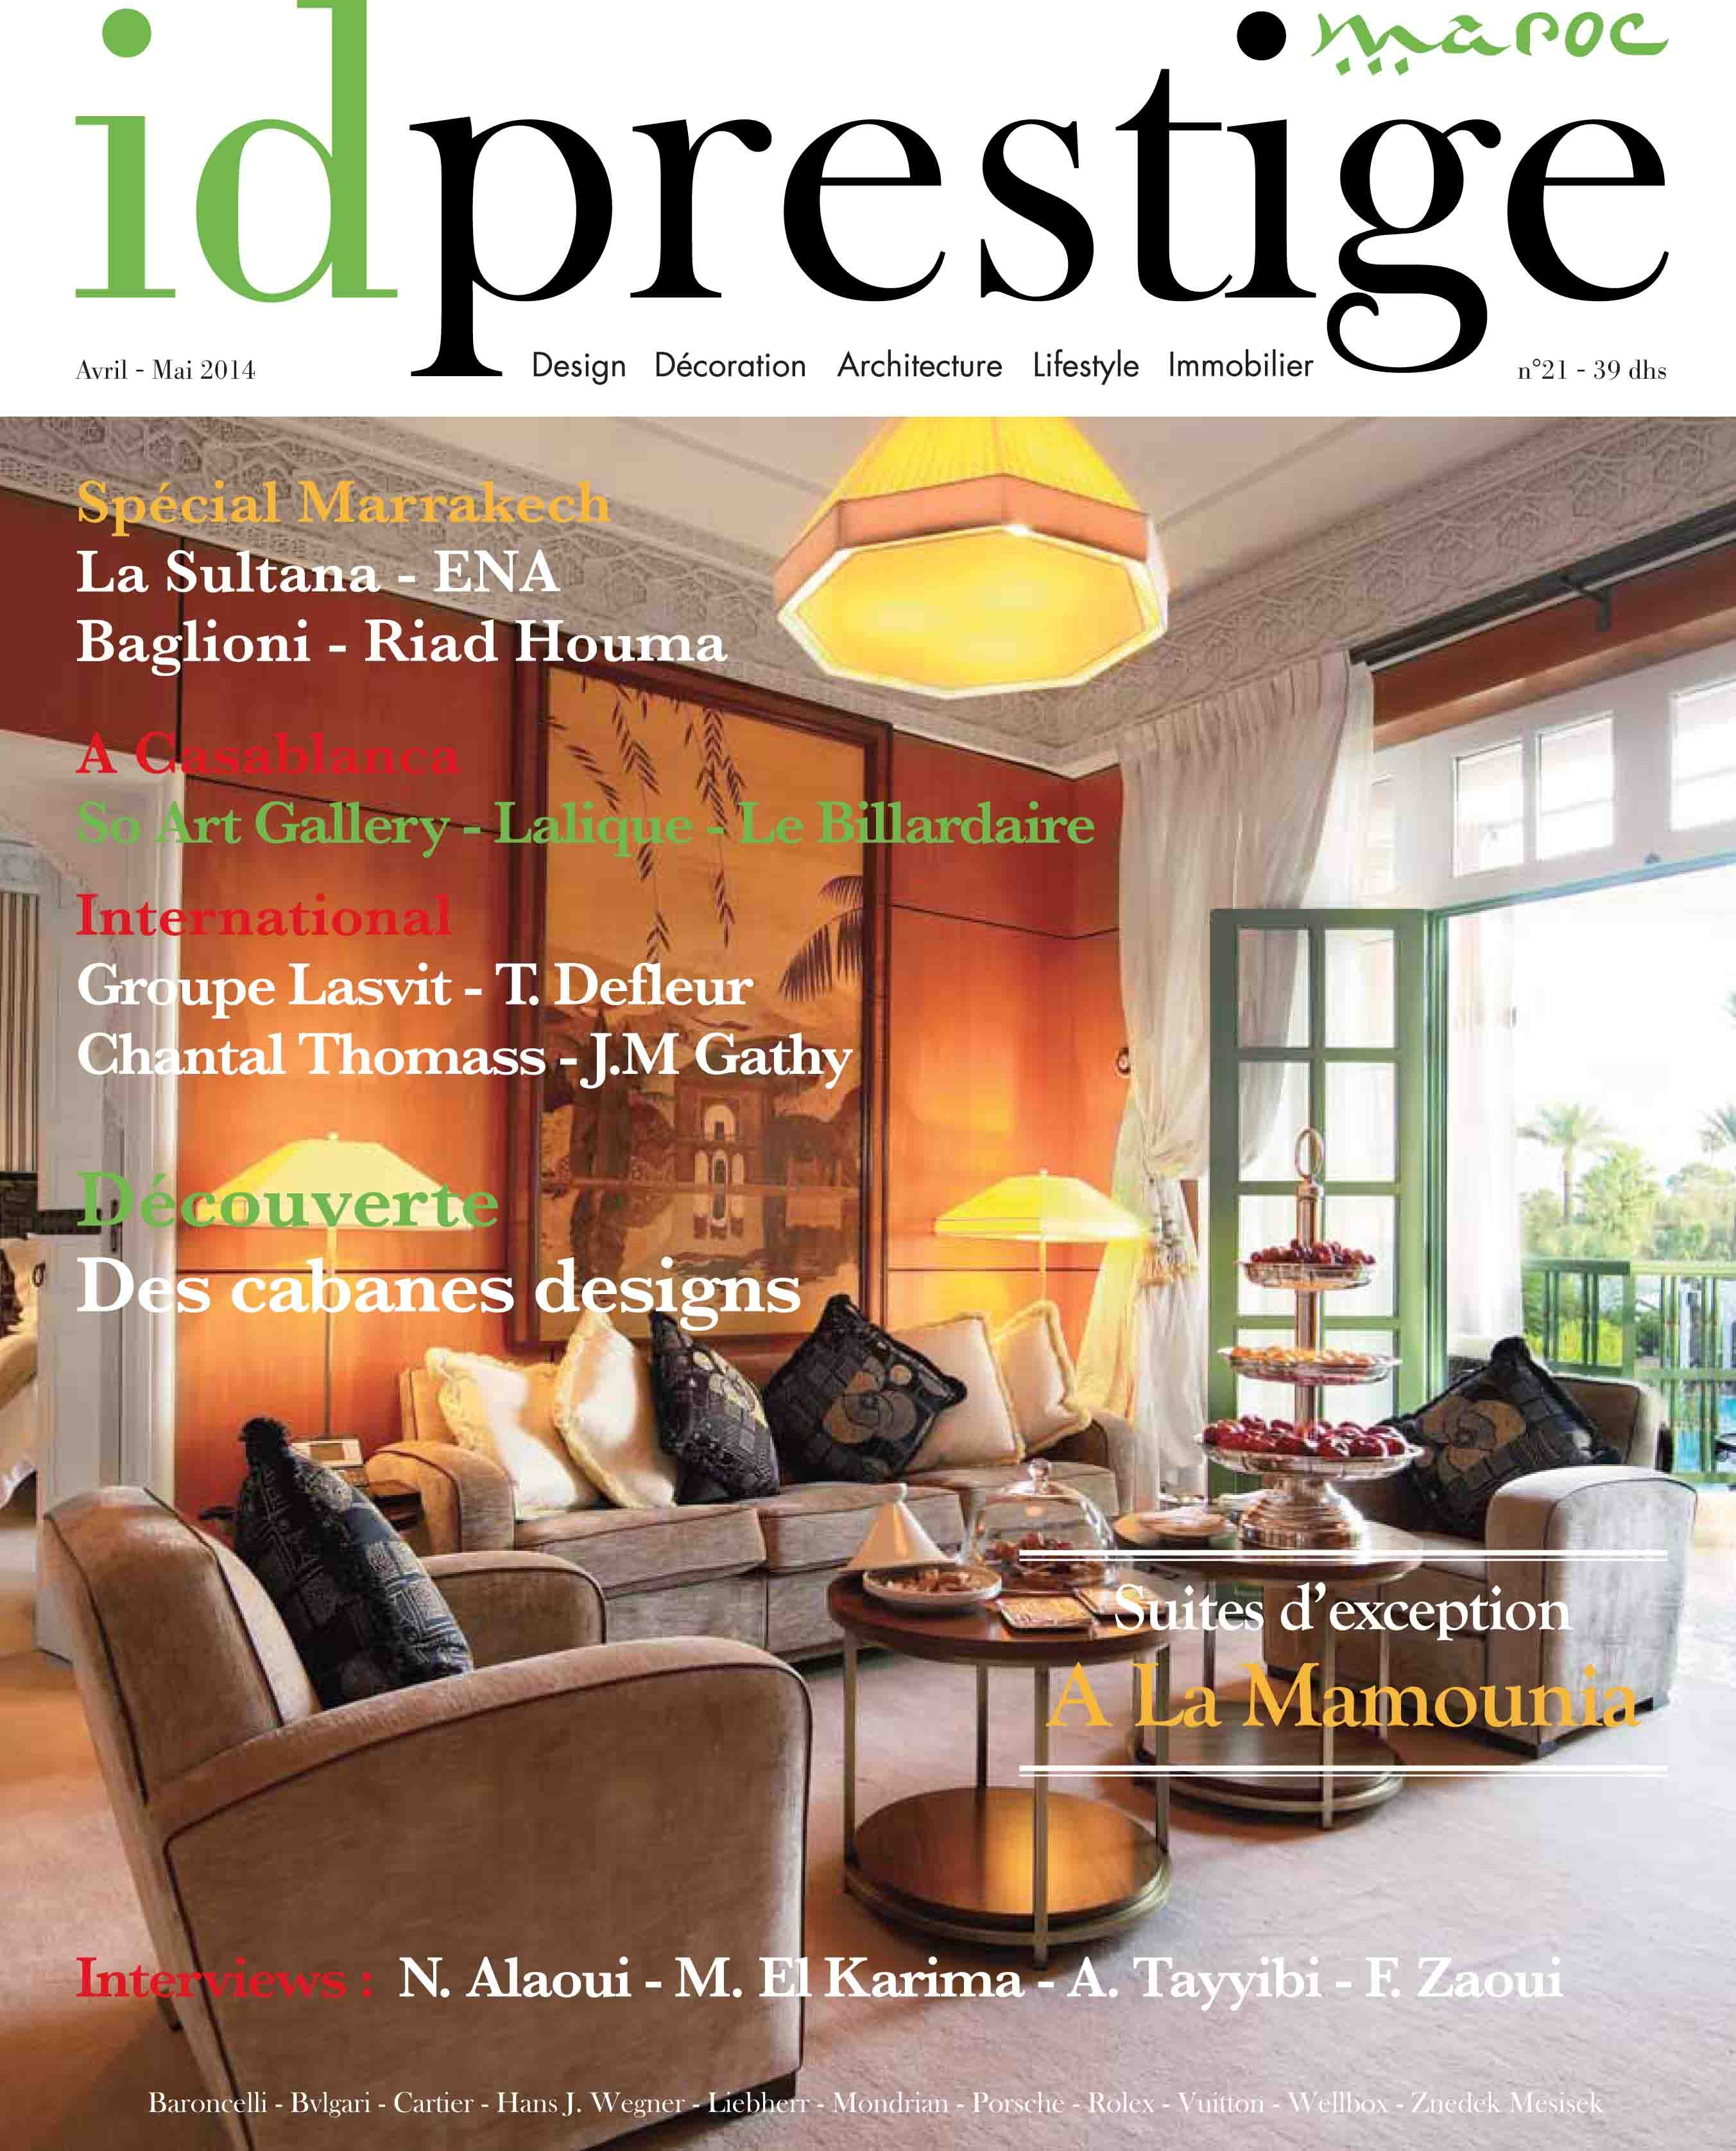 Id Prestige 21 En Kiosque Avril Mai Sur Tout Le Maroc Un Des Suites D Exception De La Mamounia A Marrakech Pour La Couverture Home Decor Home Furniture